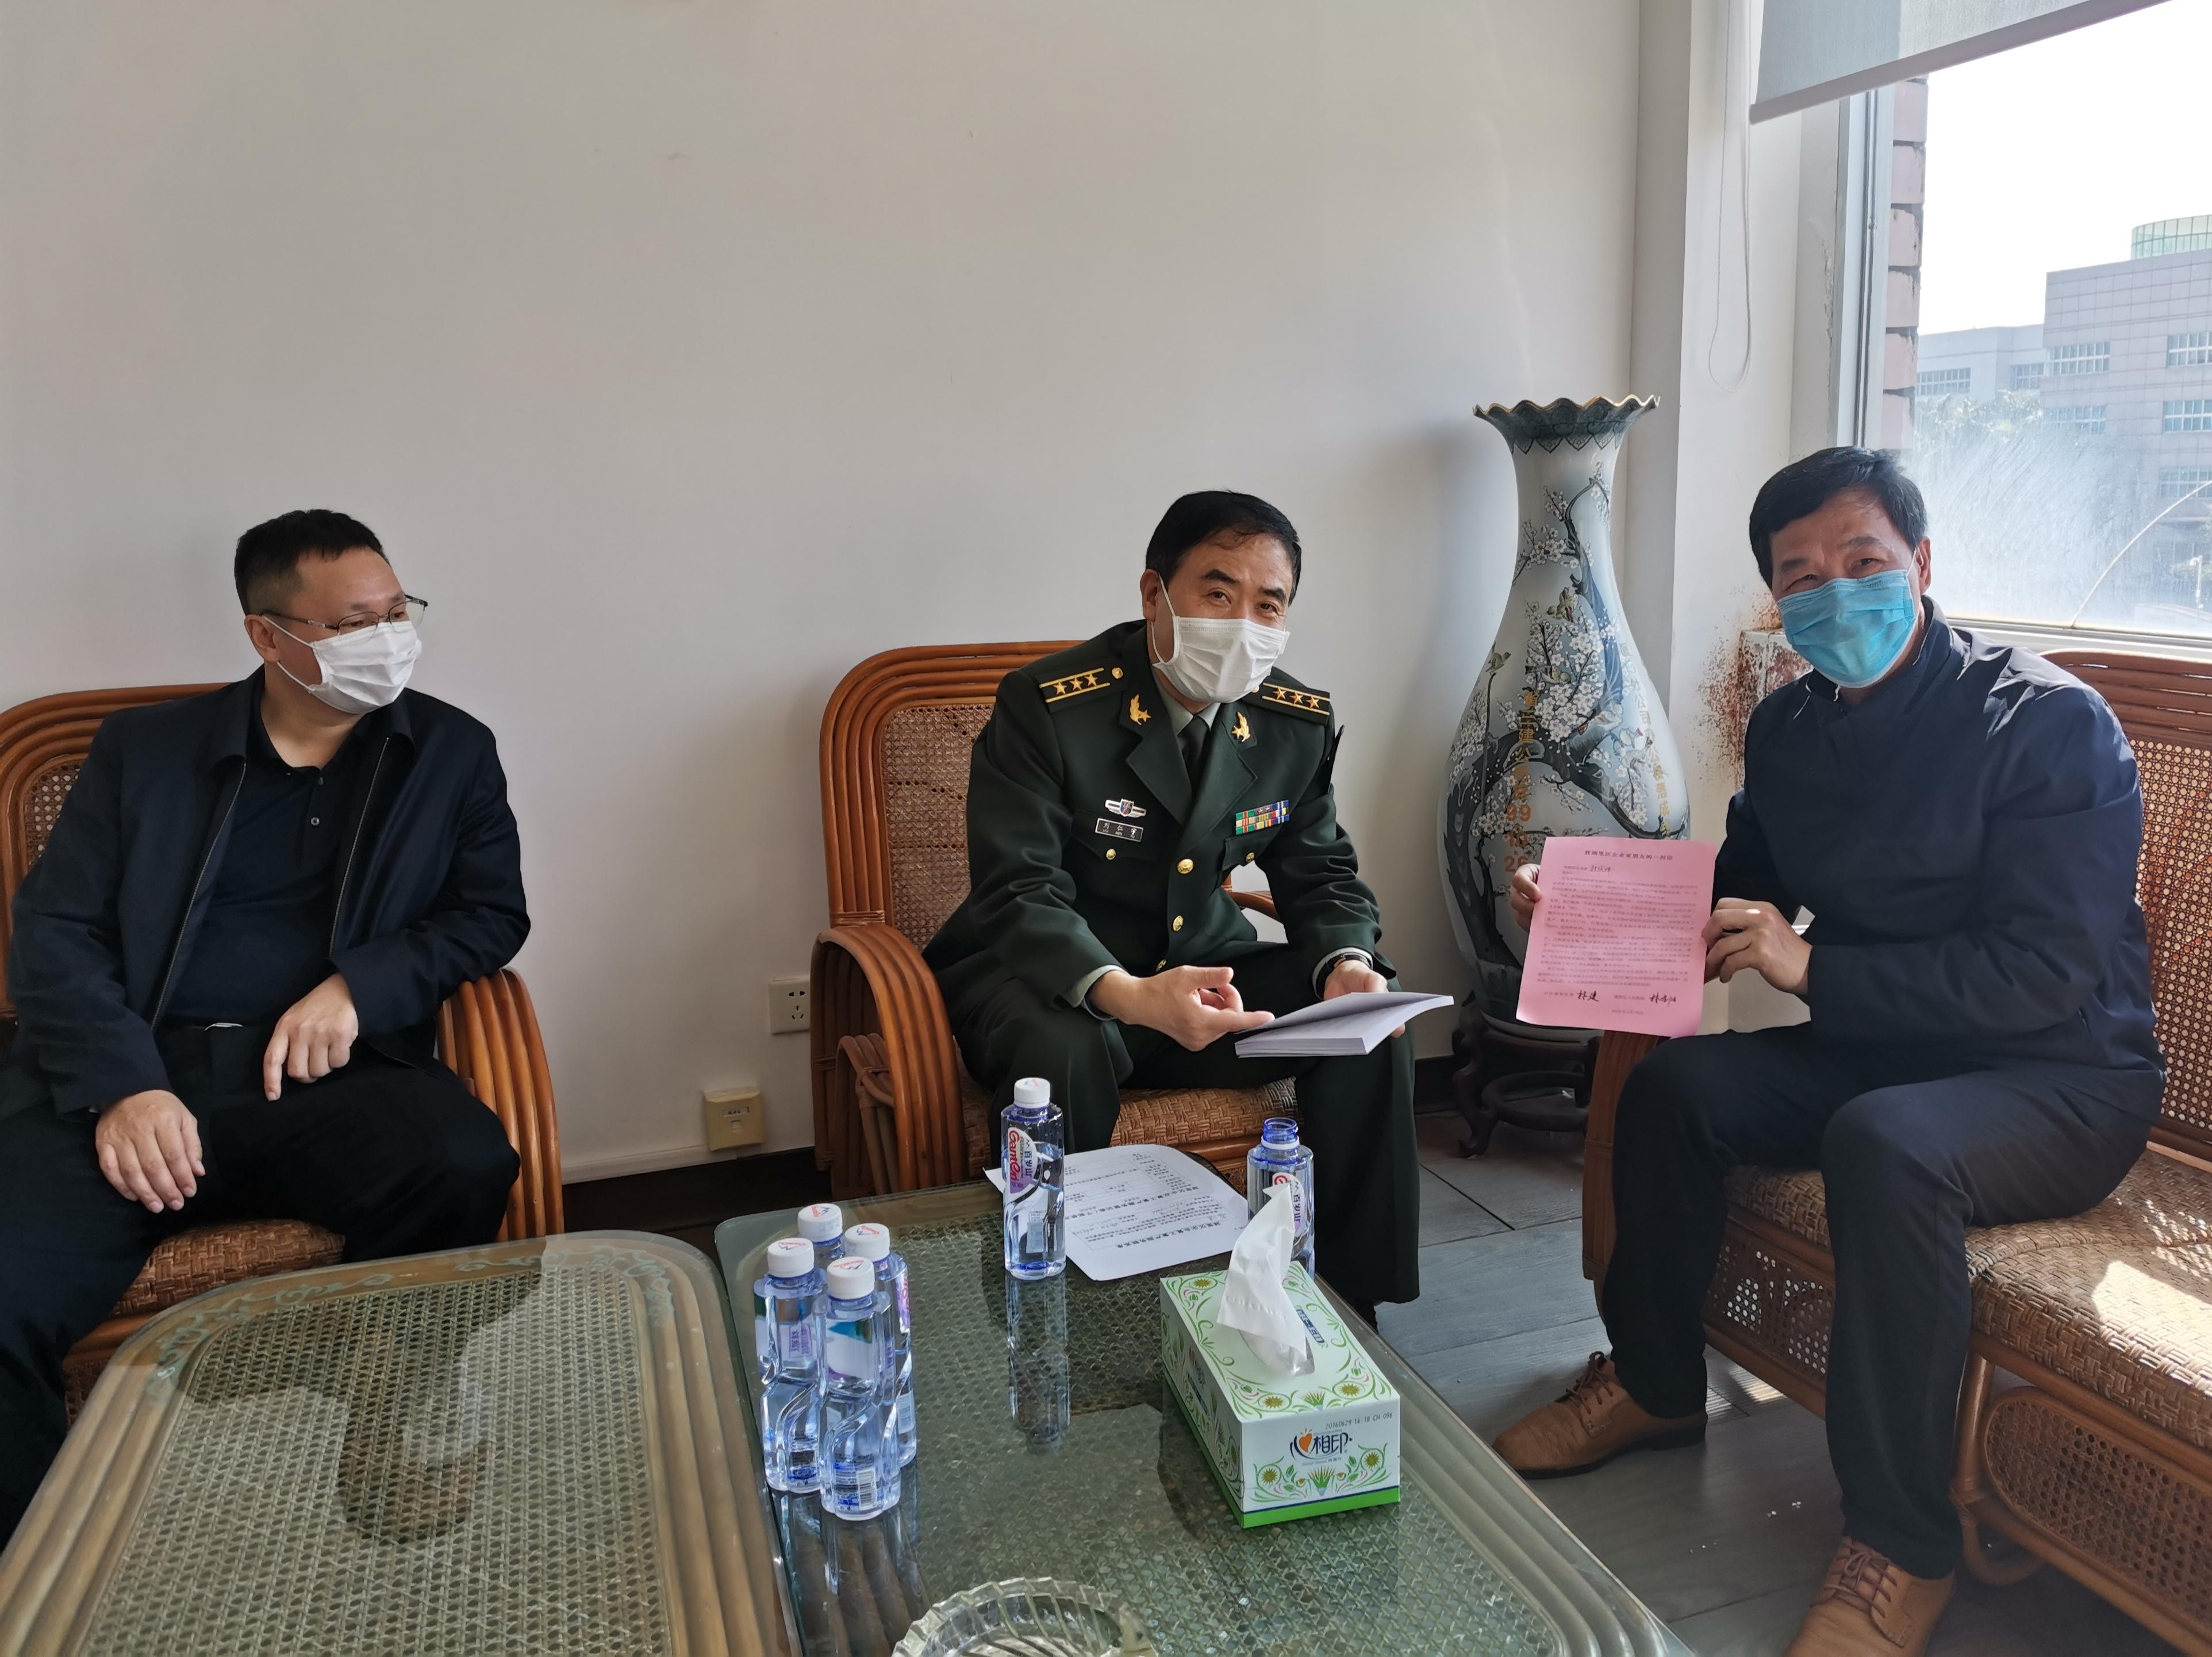 2020年2月25日上午,湖里区刘仁宇常委一行到亚新体育app了解新型冠状病毒疫情防控及复工情况。